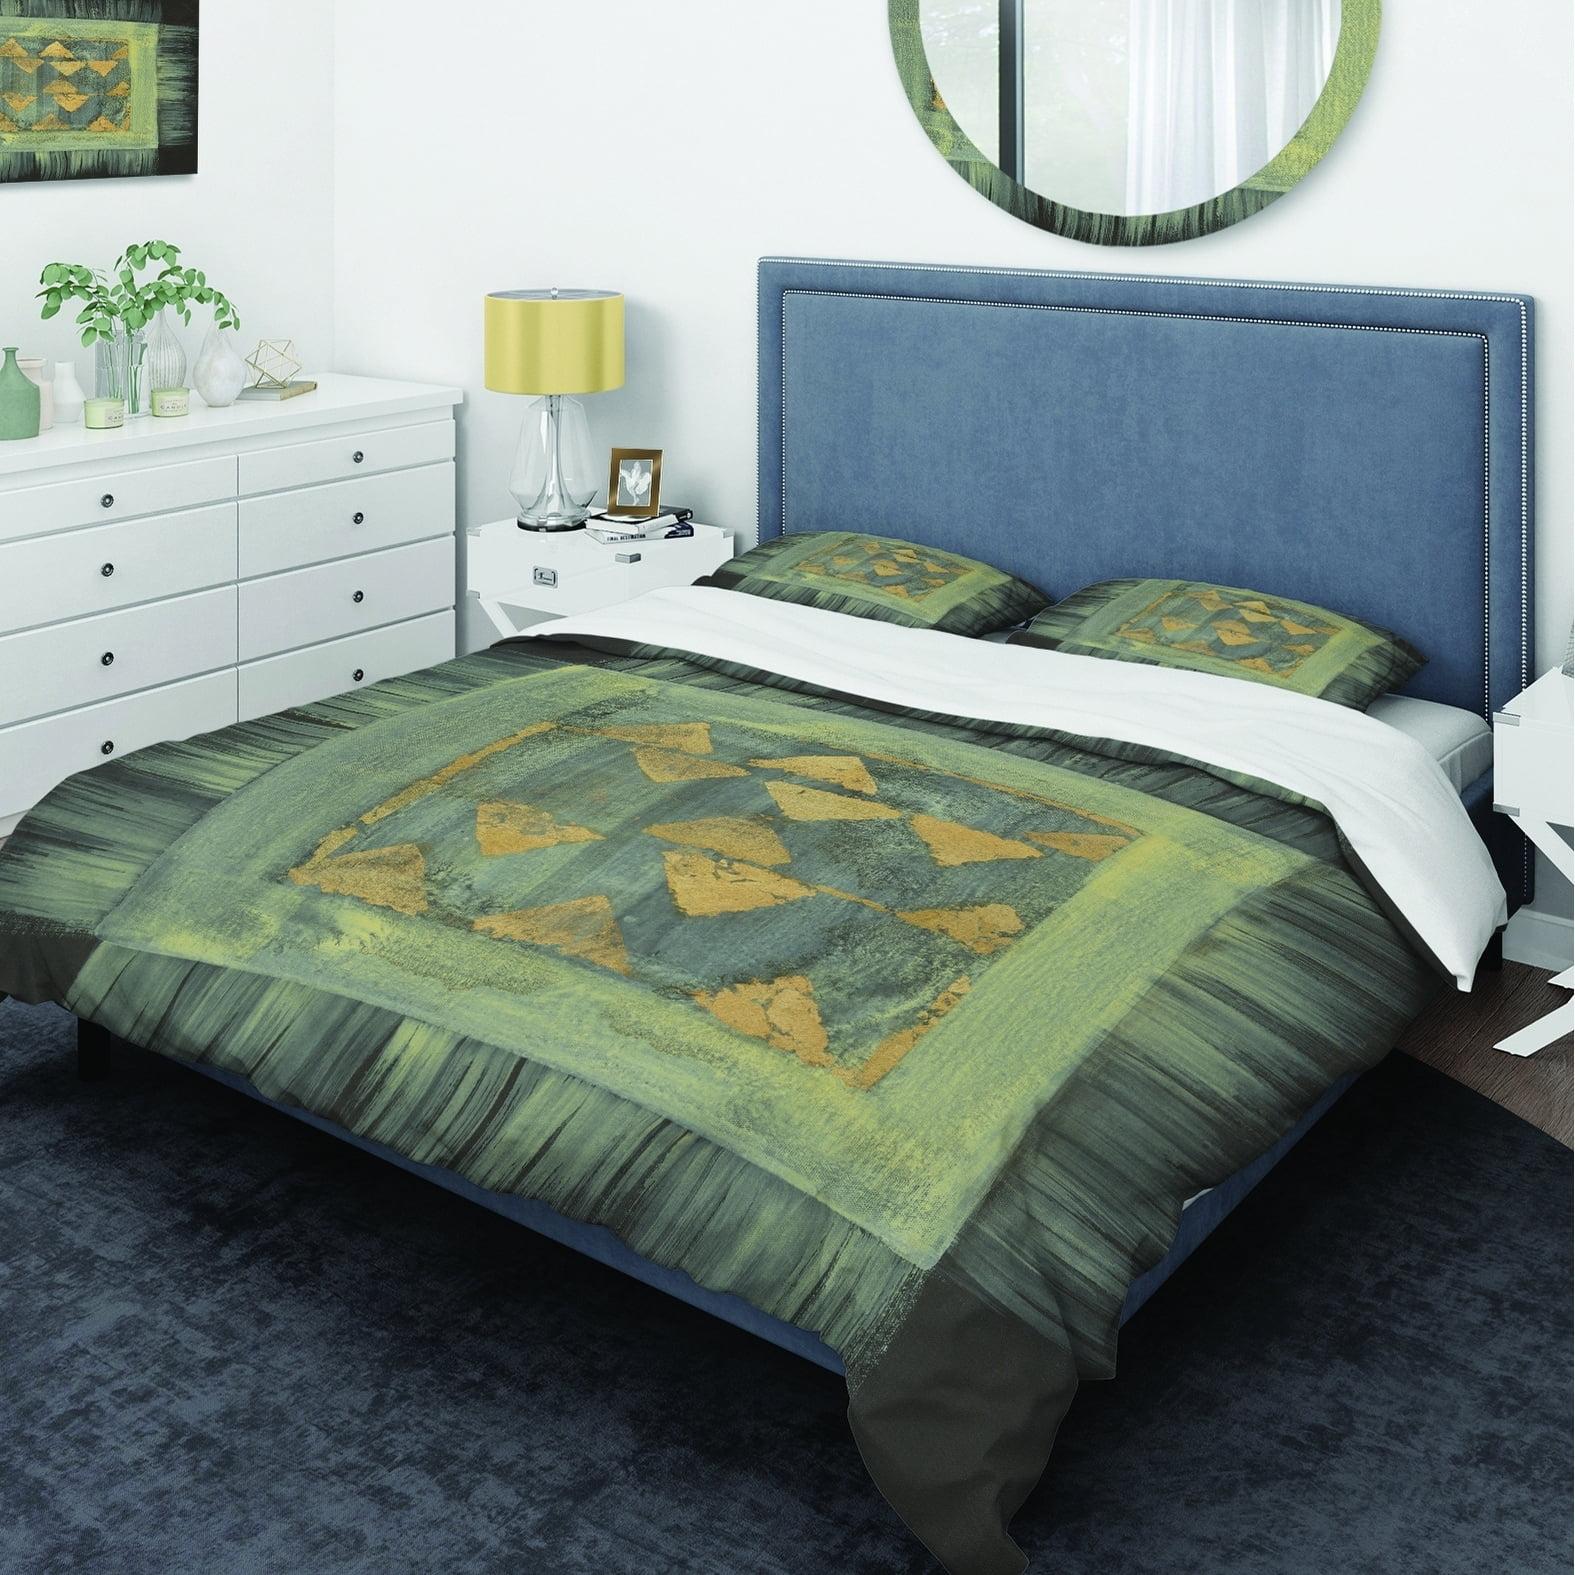 DESIGN ART Designart 'Gold Geometric Tapestry' Glam Bedding Set - Duvet Cover & Shams